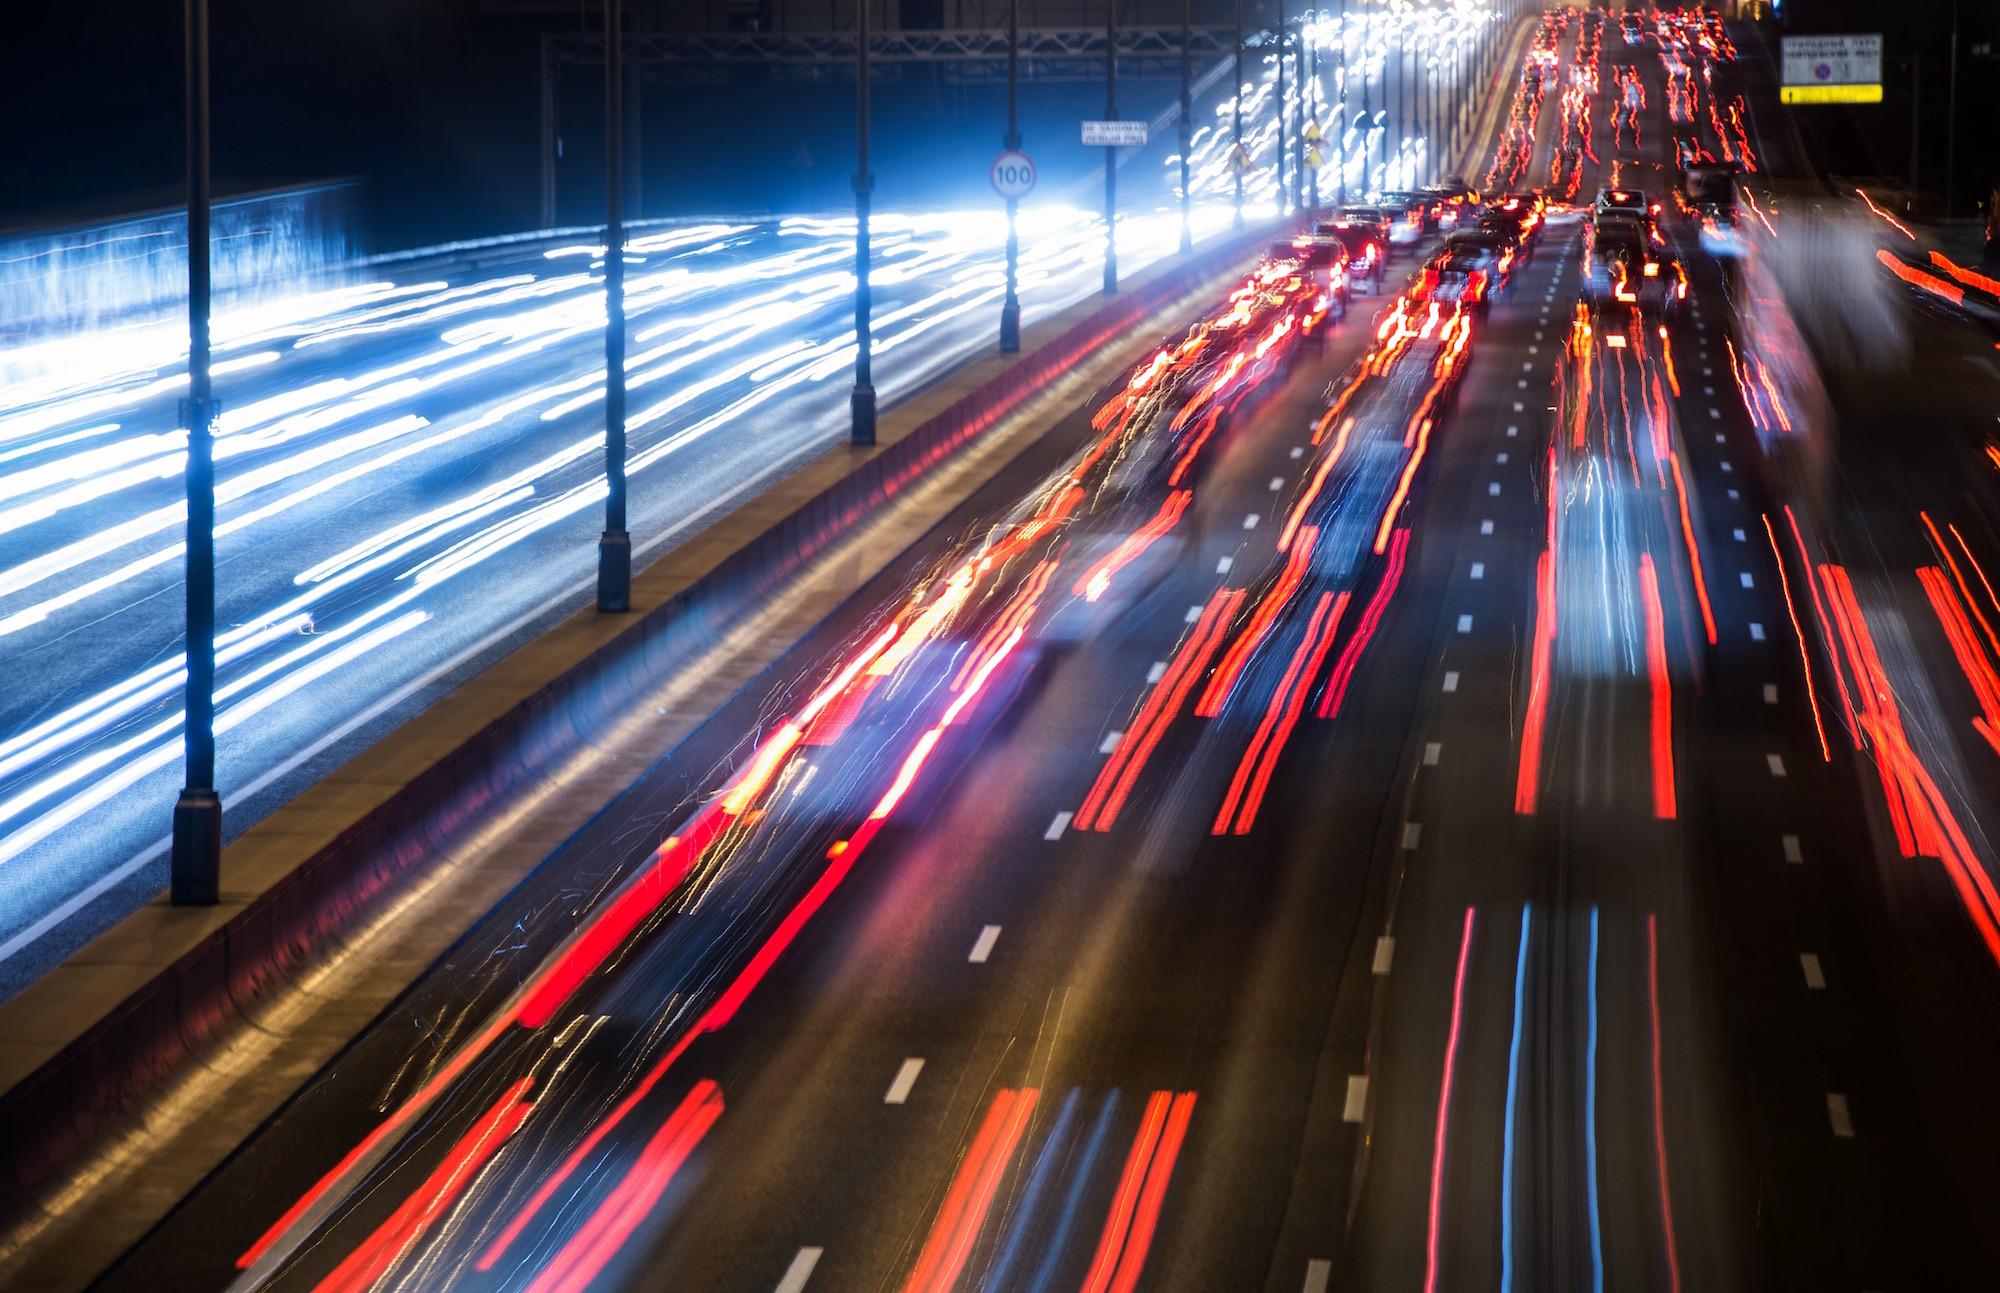 <p>Московская кольцевая автомобильная дорога. Фото: &copy; РИА Новости/Евгений Биятов</p>